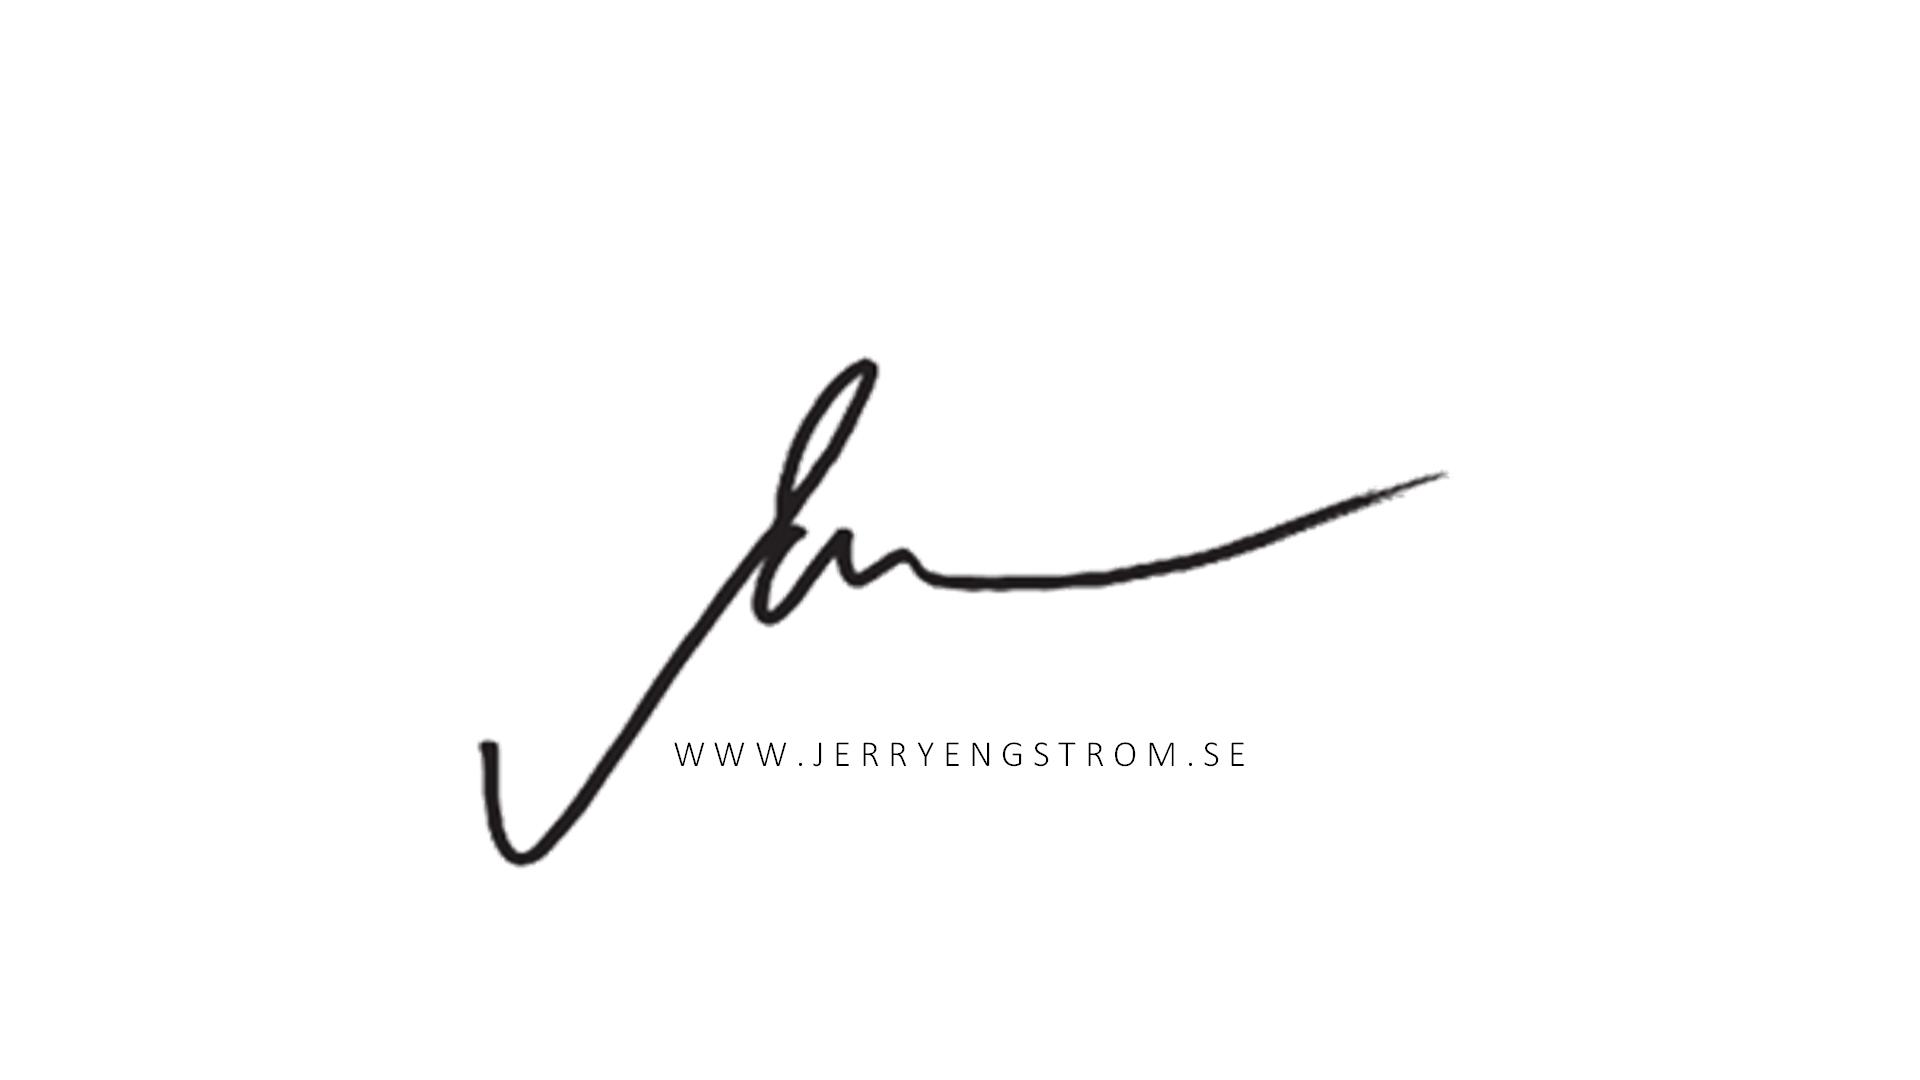 Jerry Engström